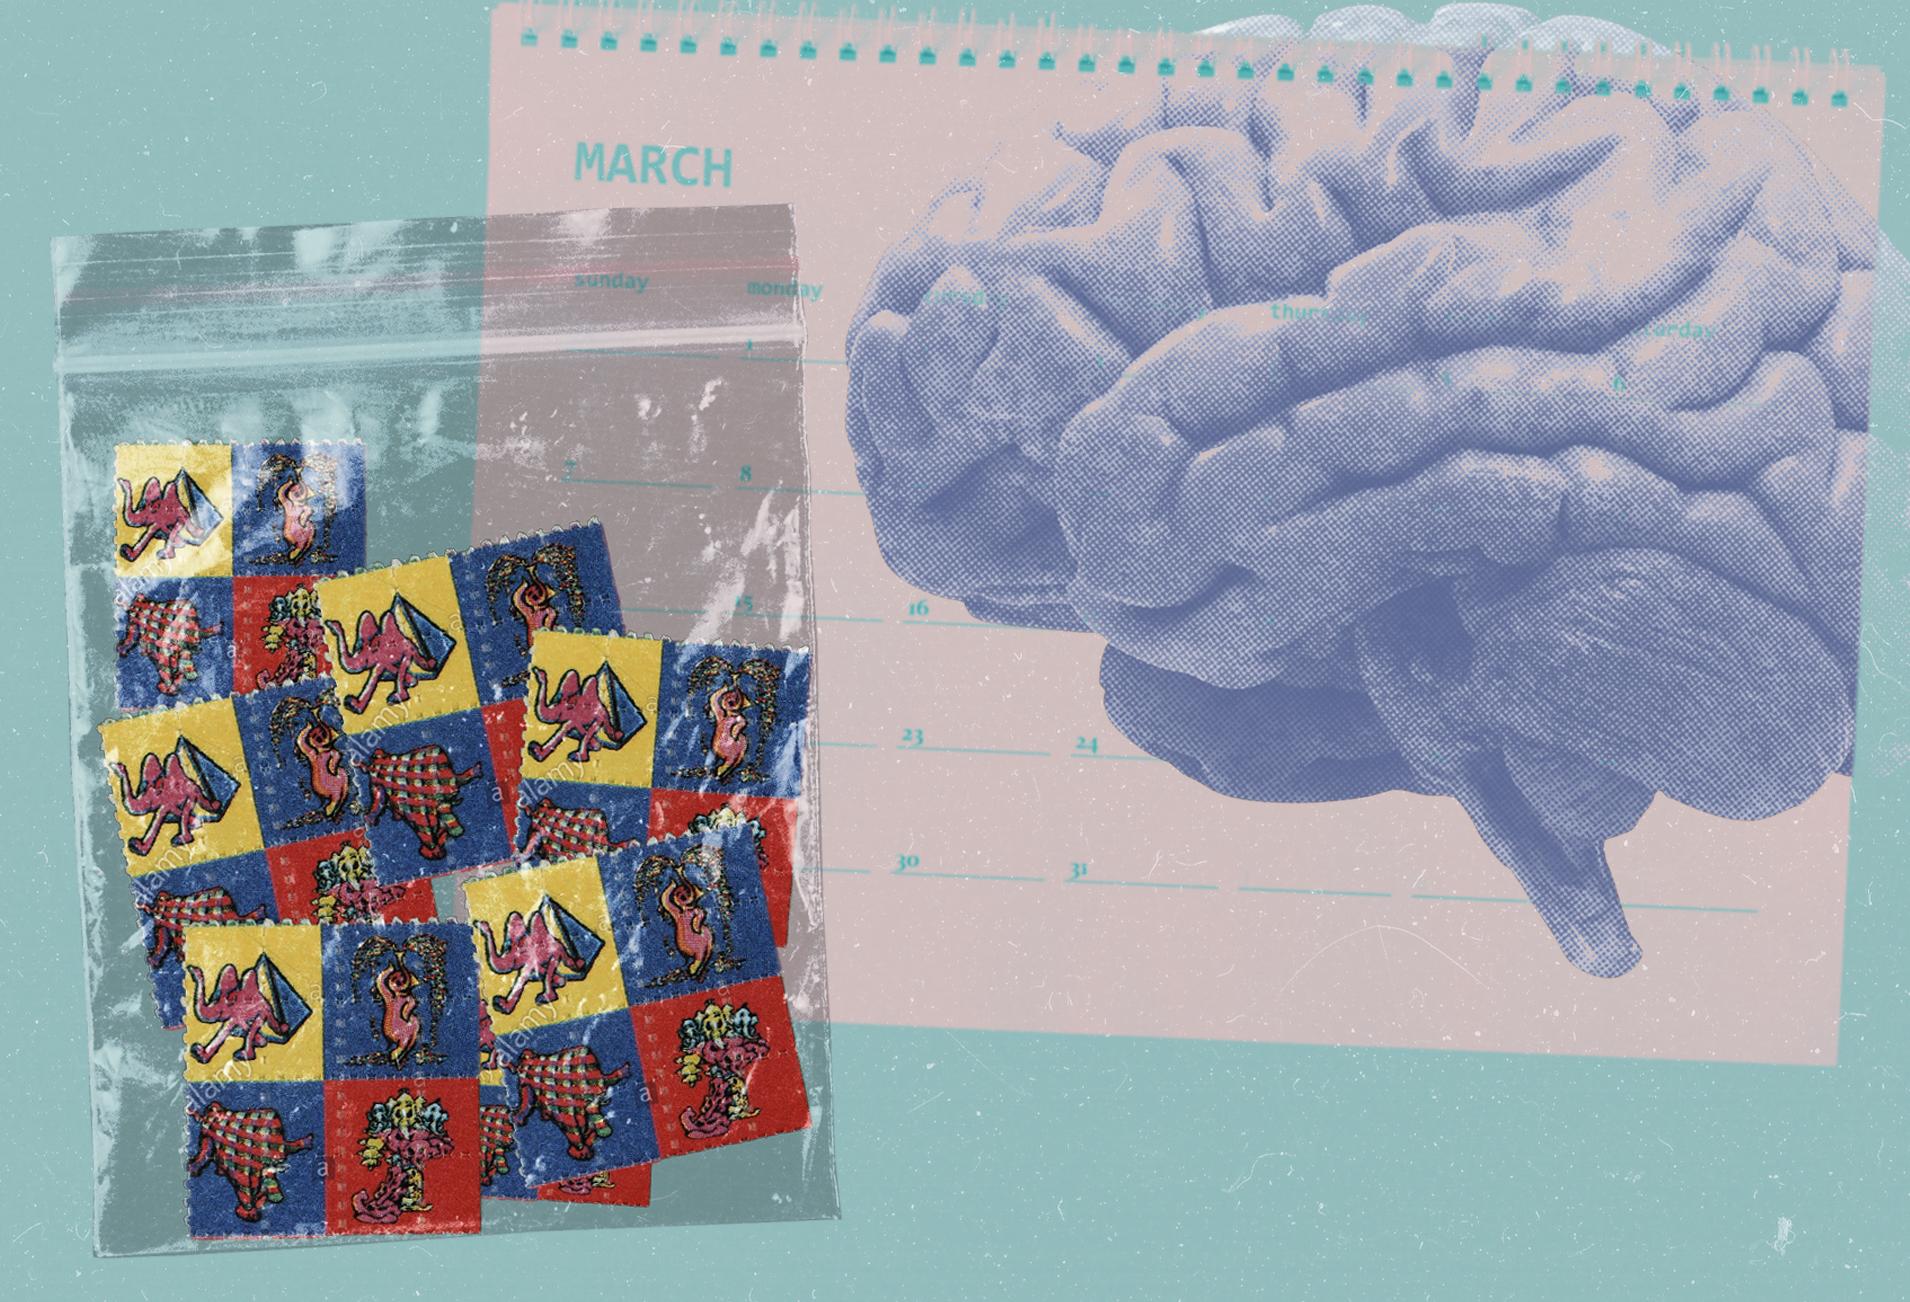 Ha reggel bedobsz egy kevéske LSD-t, tényleg boldogabb leszel, de ennek a droghoz semmi köze